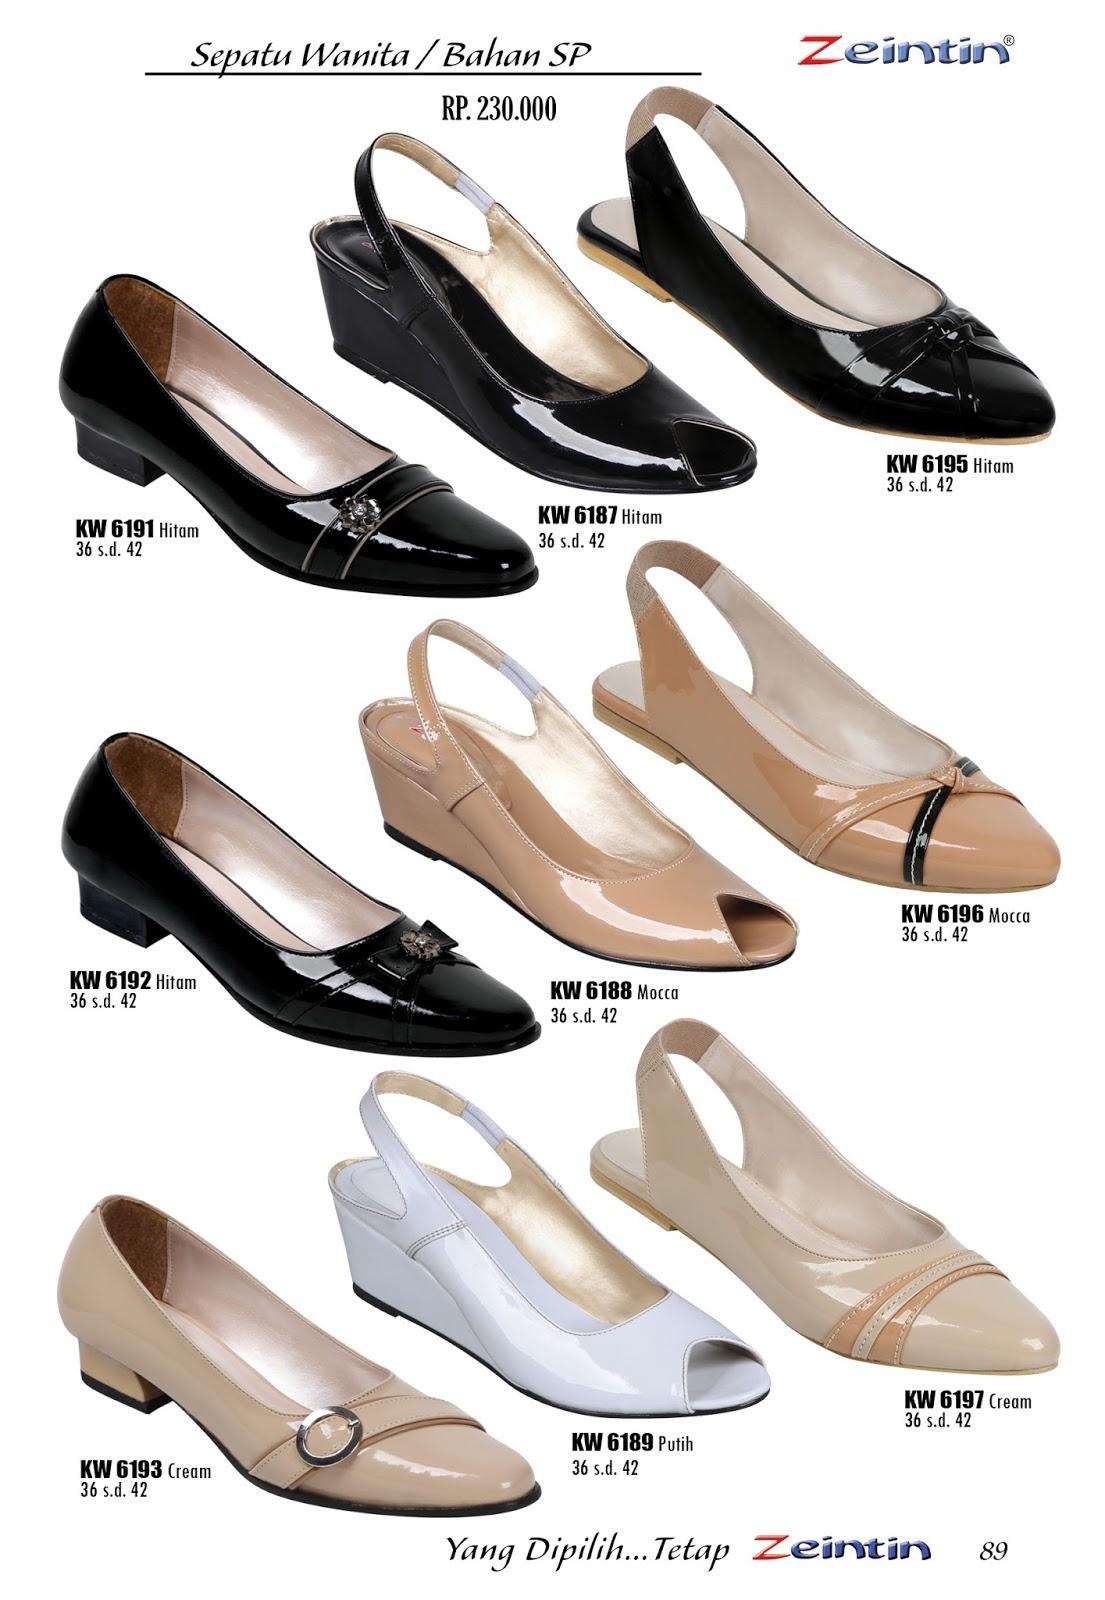 Sepatu Wanita Bahan SP I - Online Mall Sepatu dan Tas Indonesia